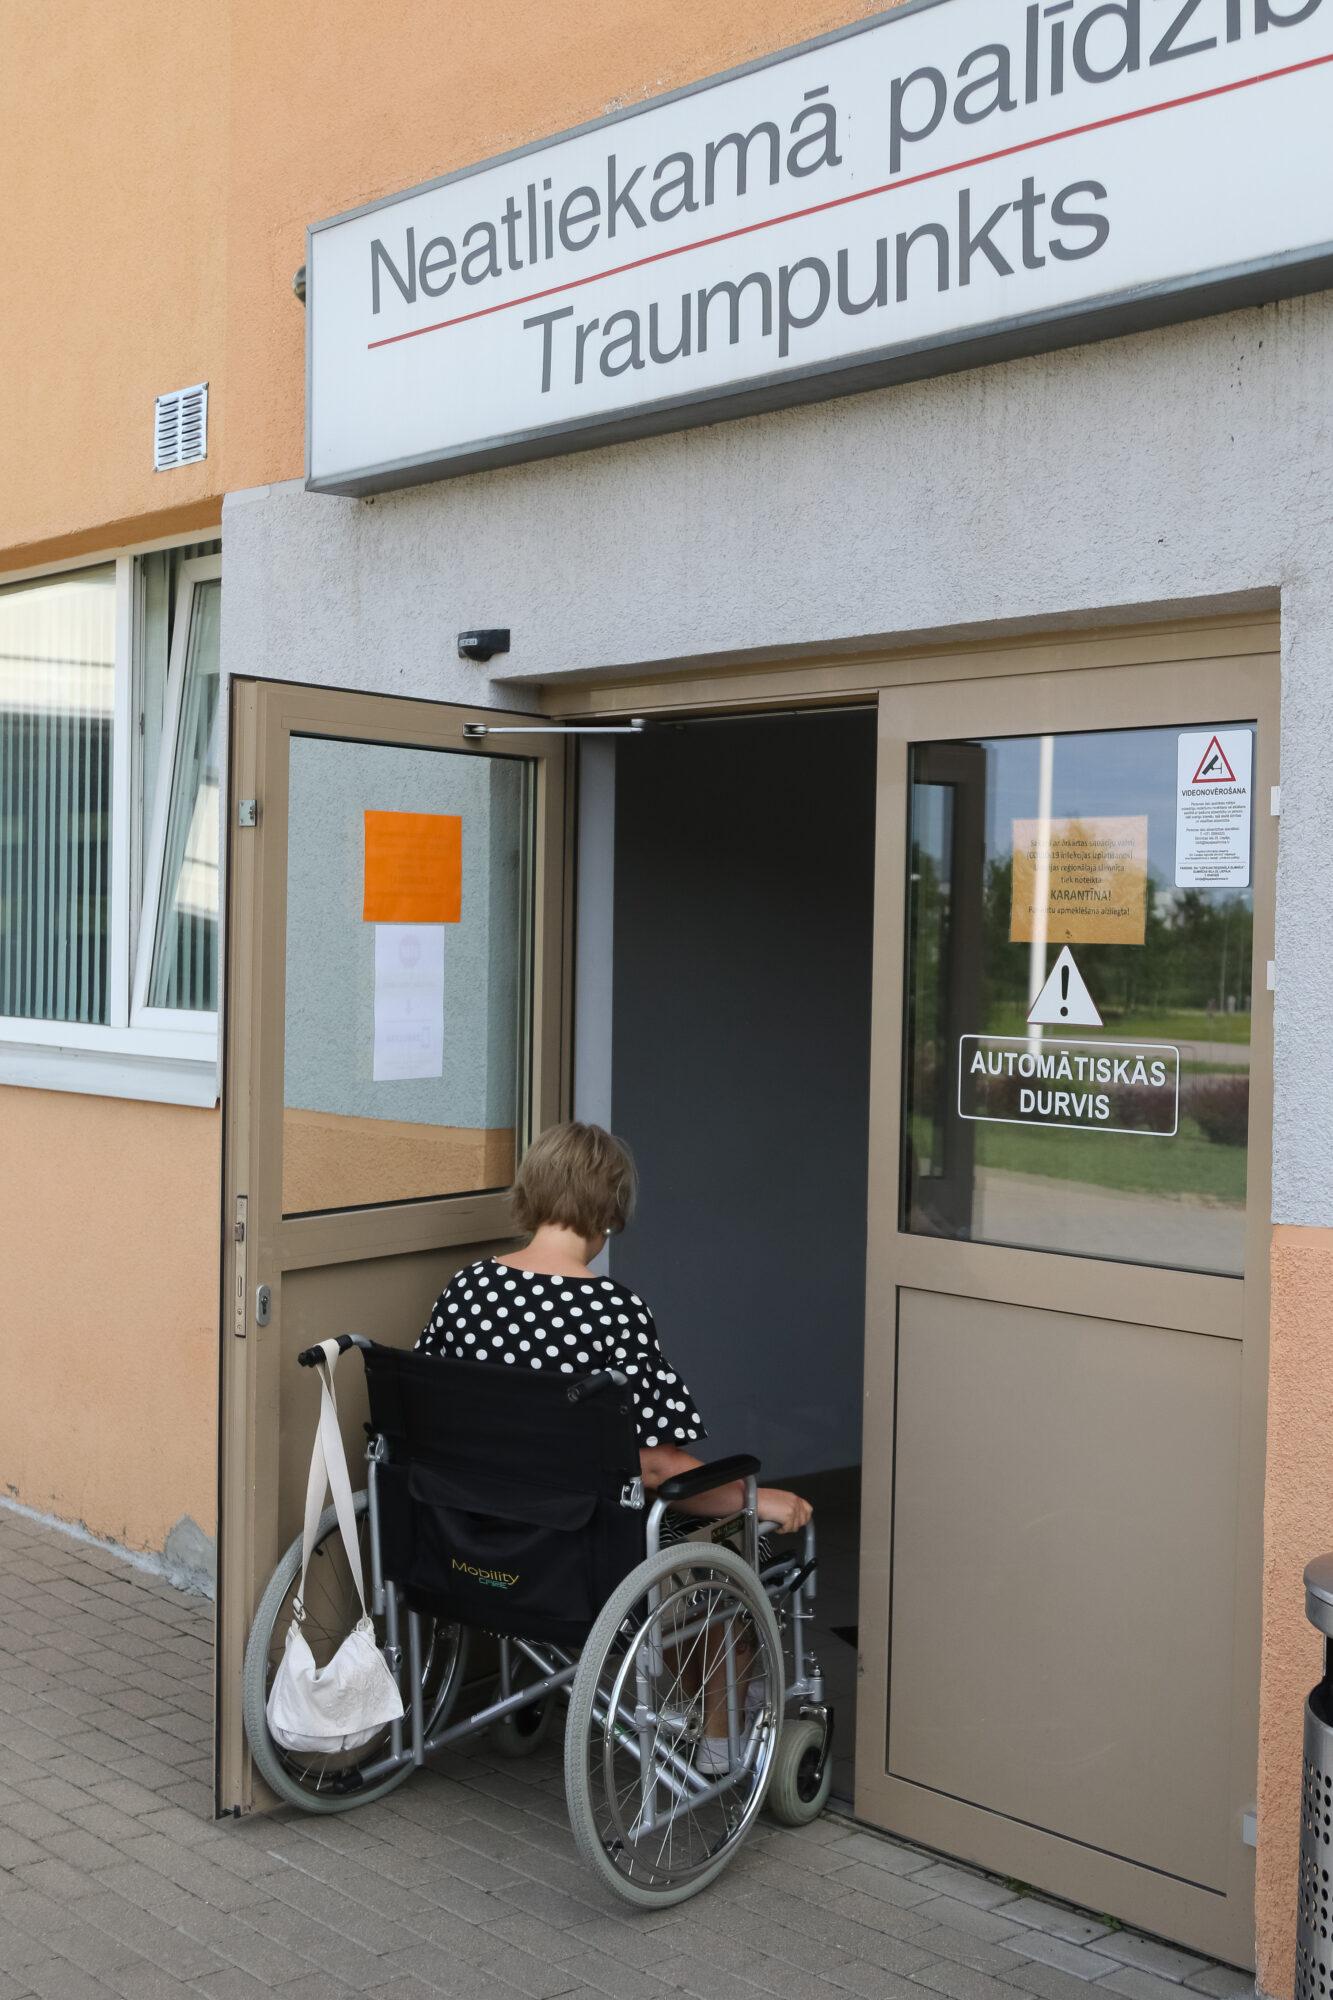 Человек в инвалидной коляске застрял в дверях больницы